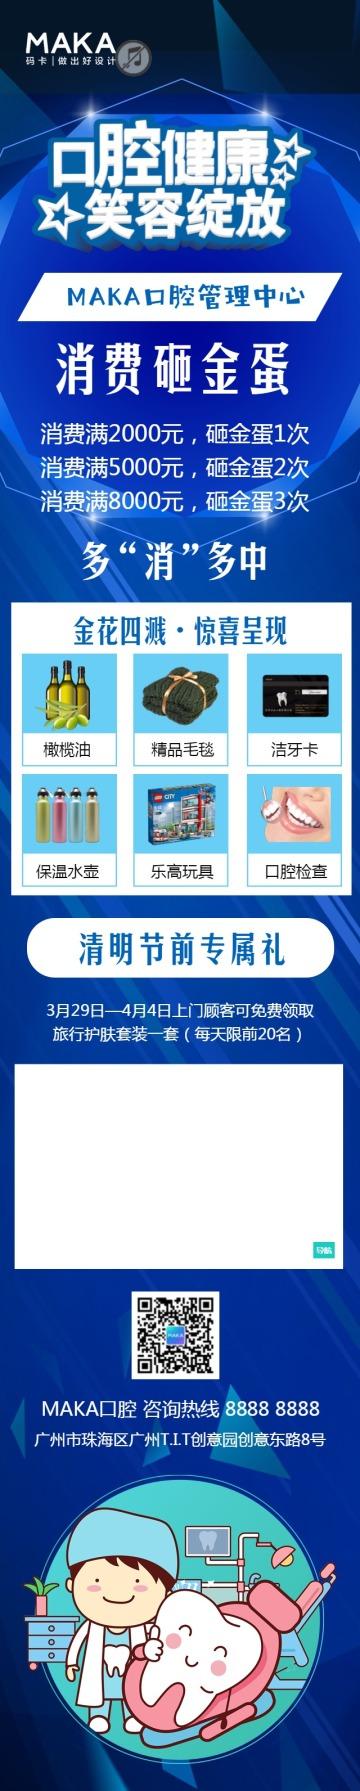 时尚简约蓝色口腔医疗机构促销宣传单页